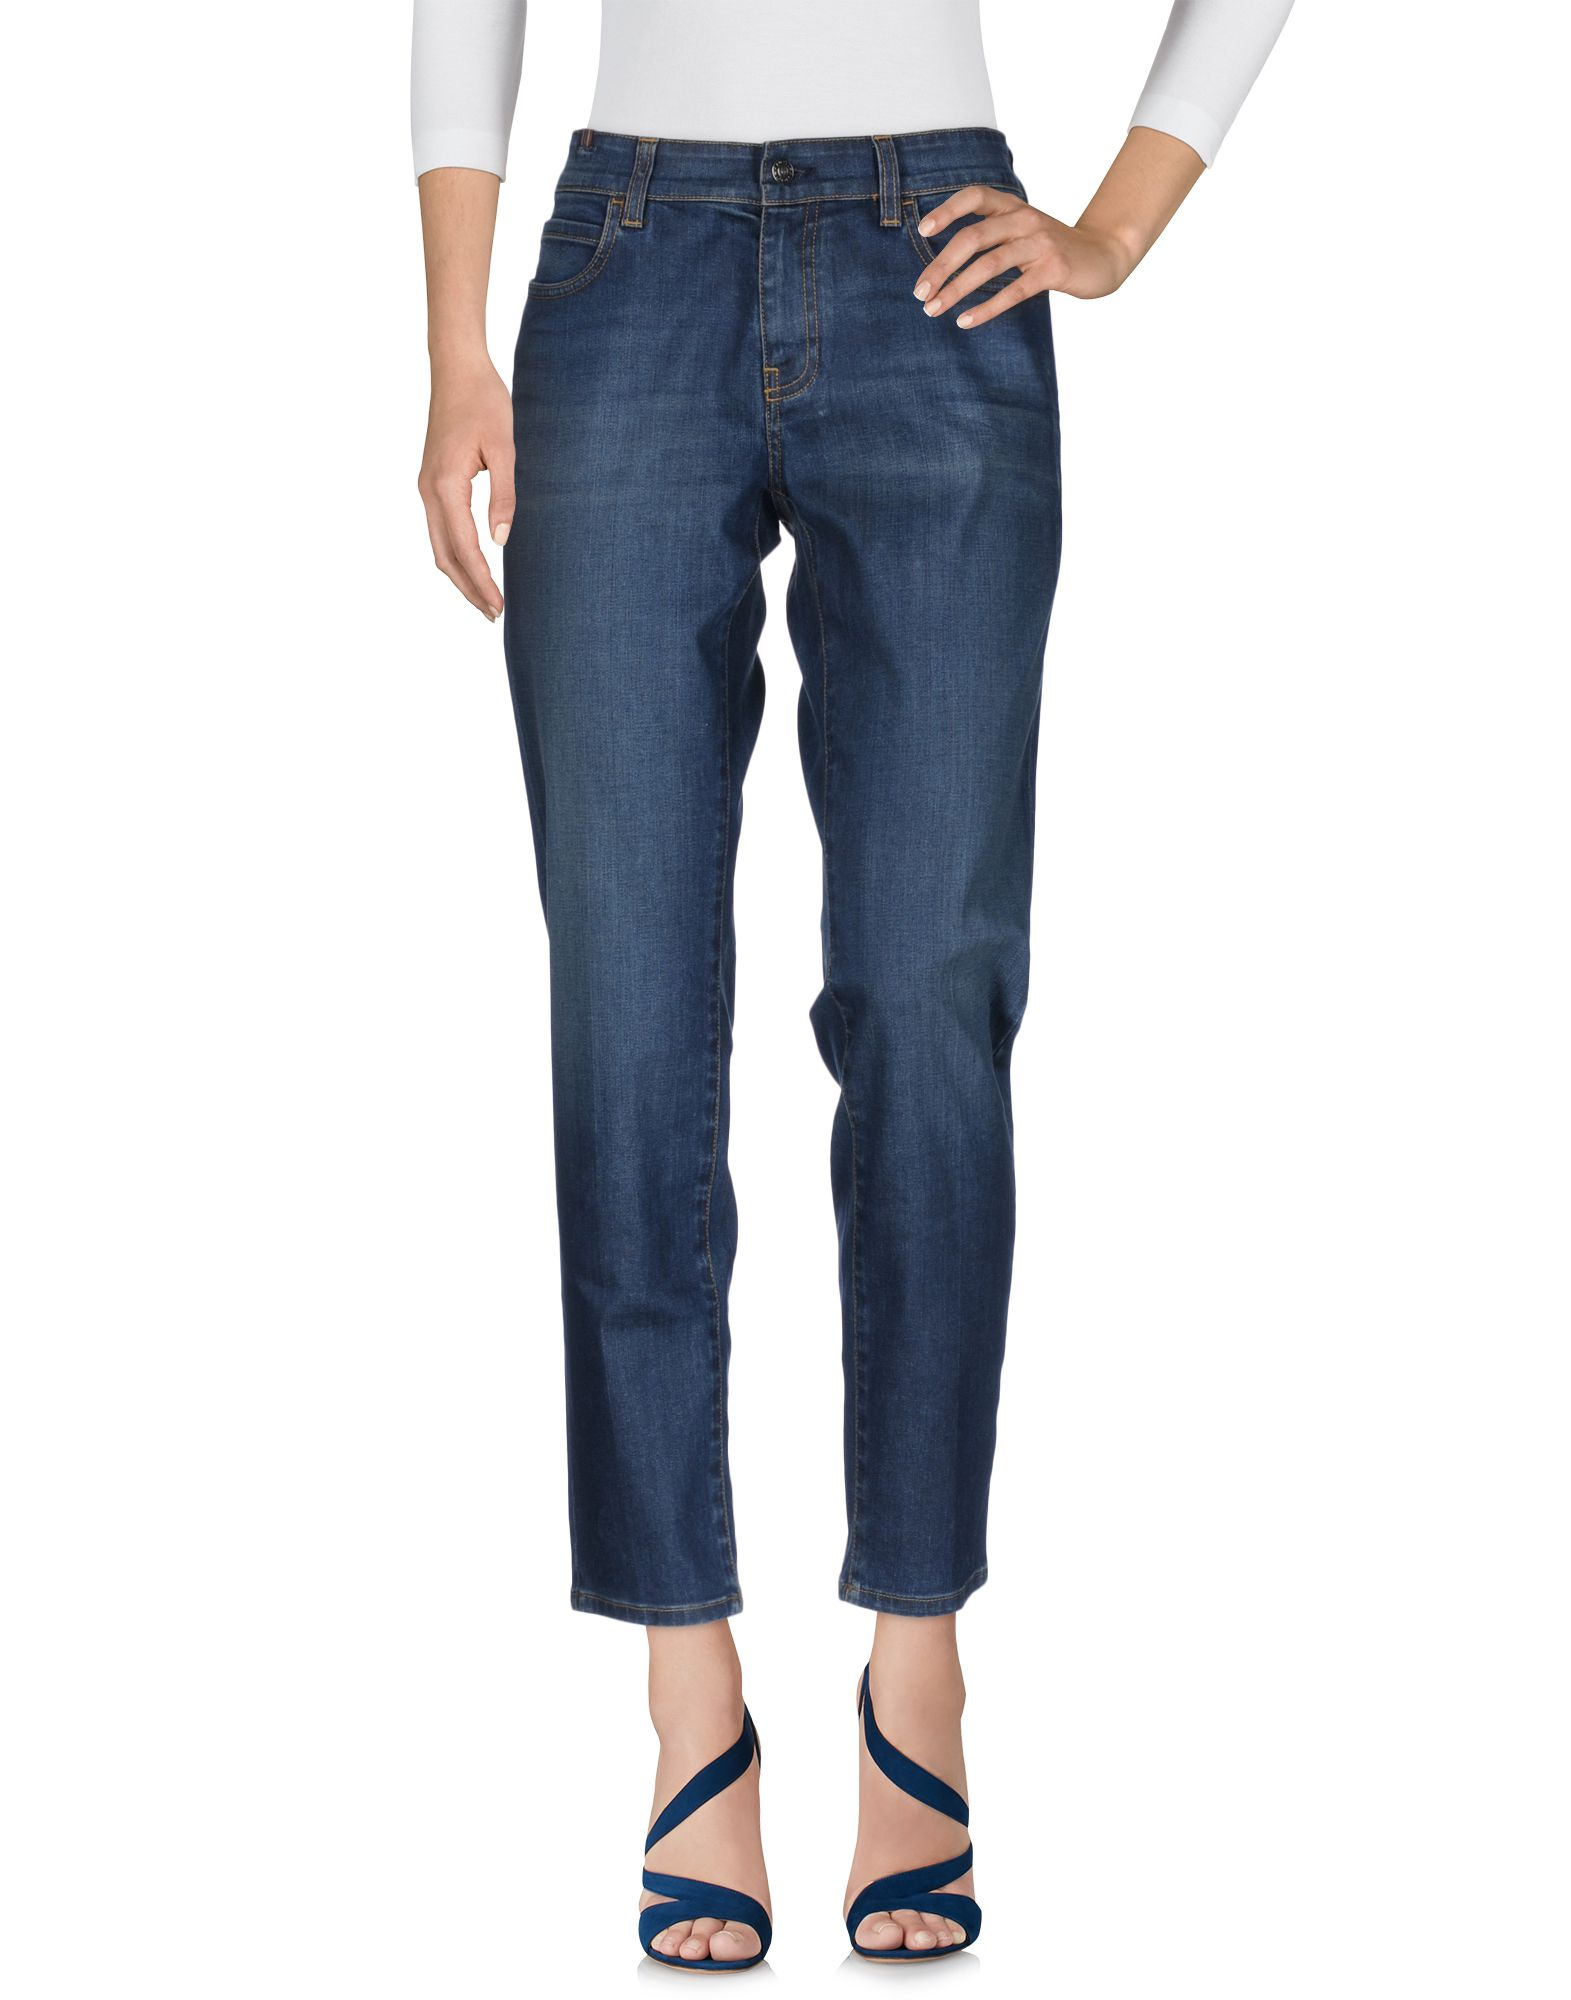 NOTIFY Damen Jeanshose Farbe Blau Größe 9 jetztbilligerkaufen